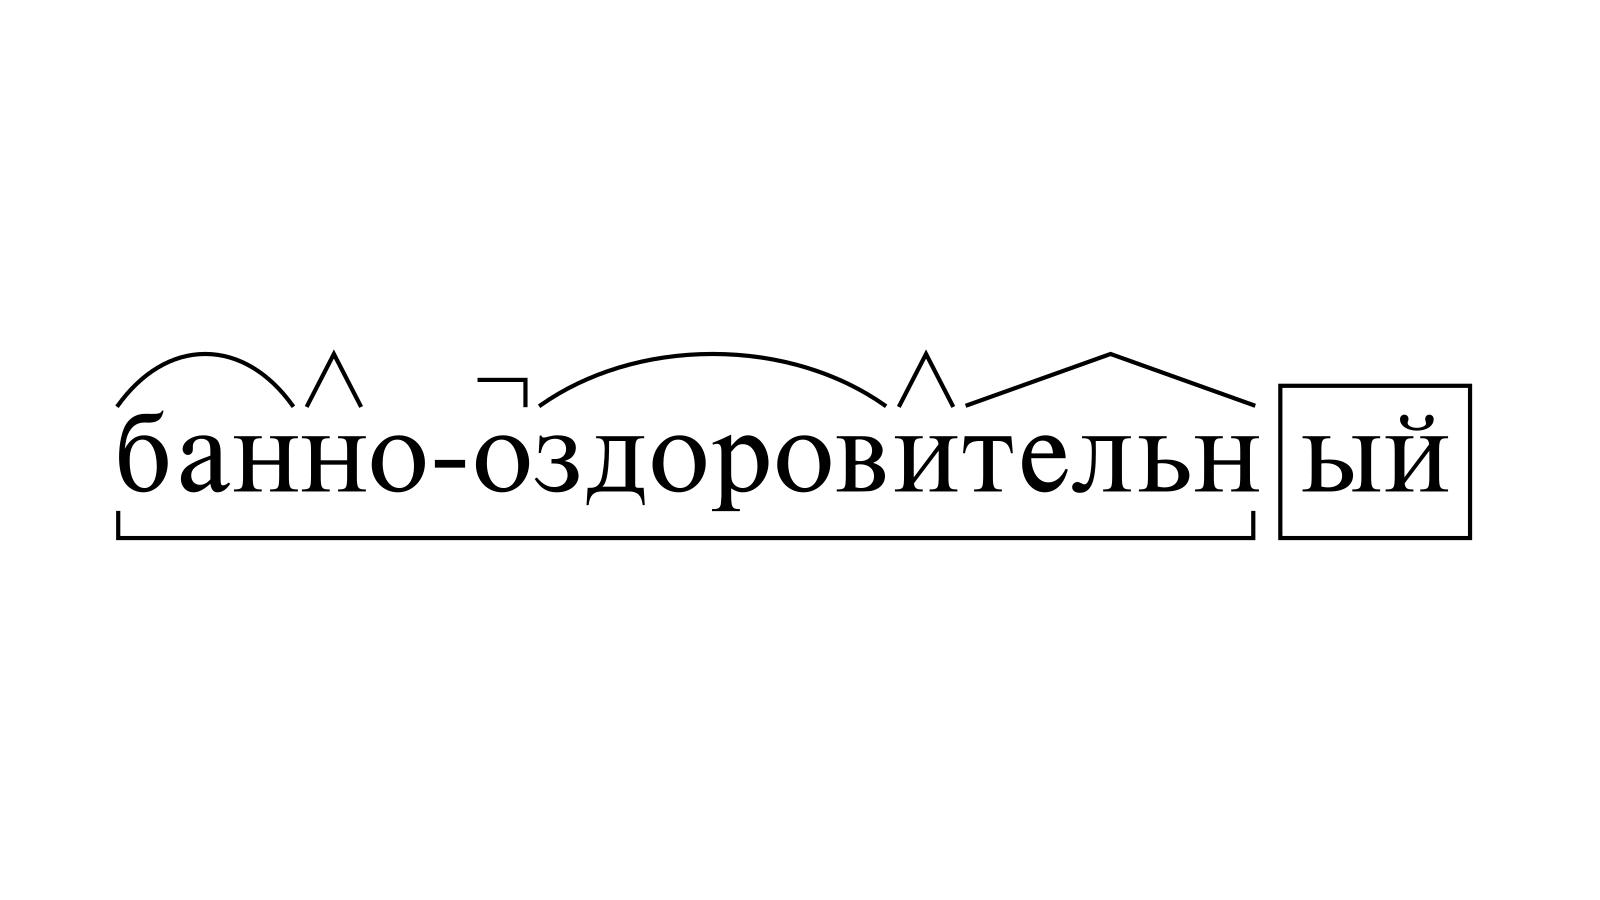 Разбор слова «банно-оздоровительный» по составу